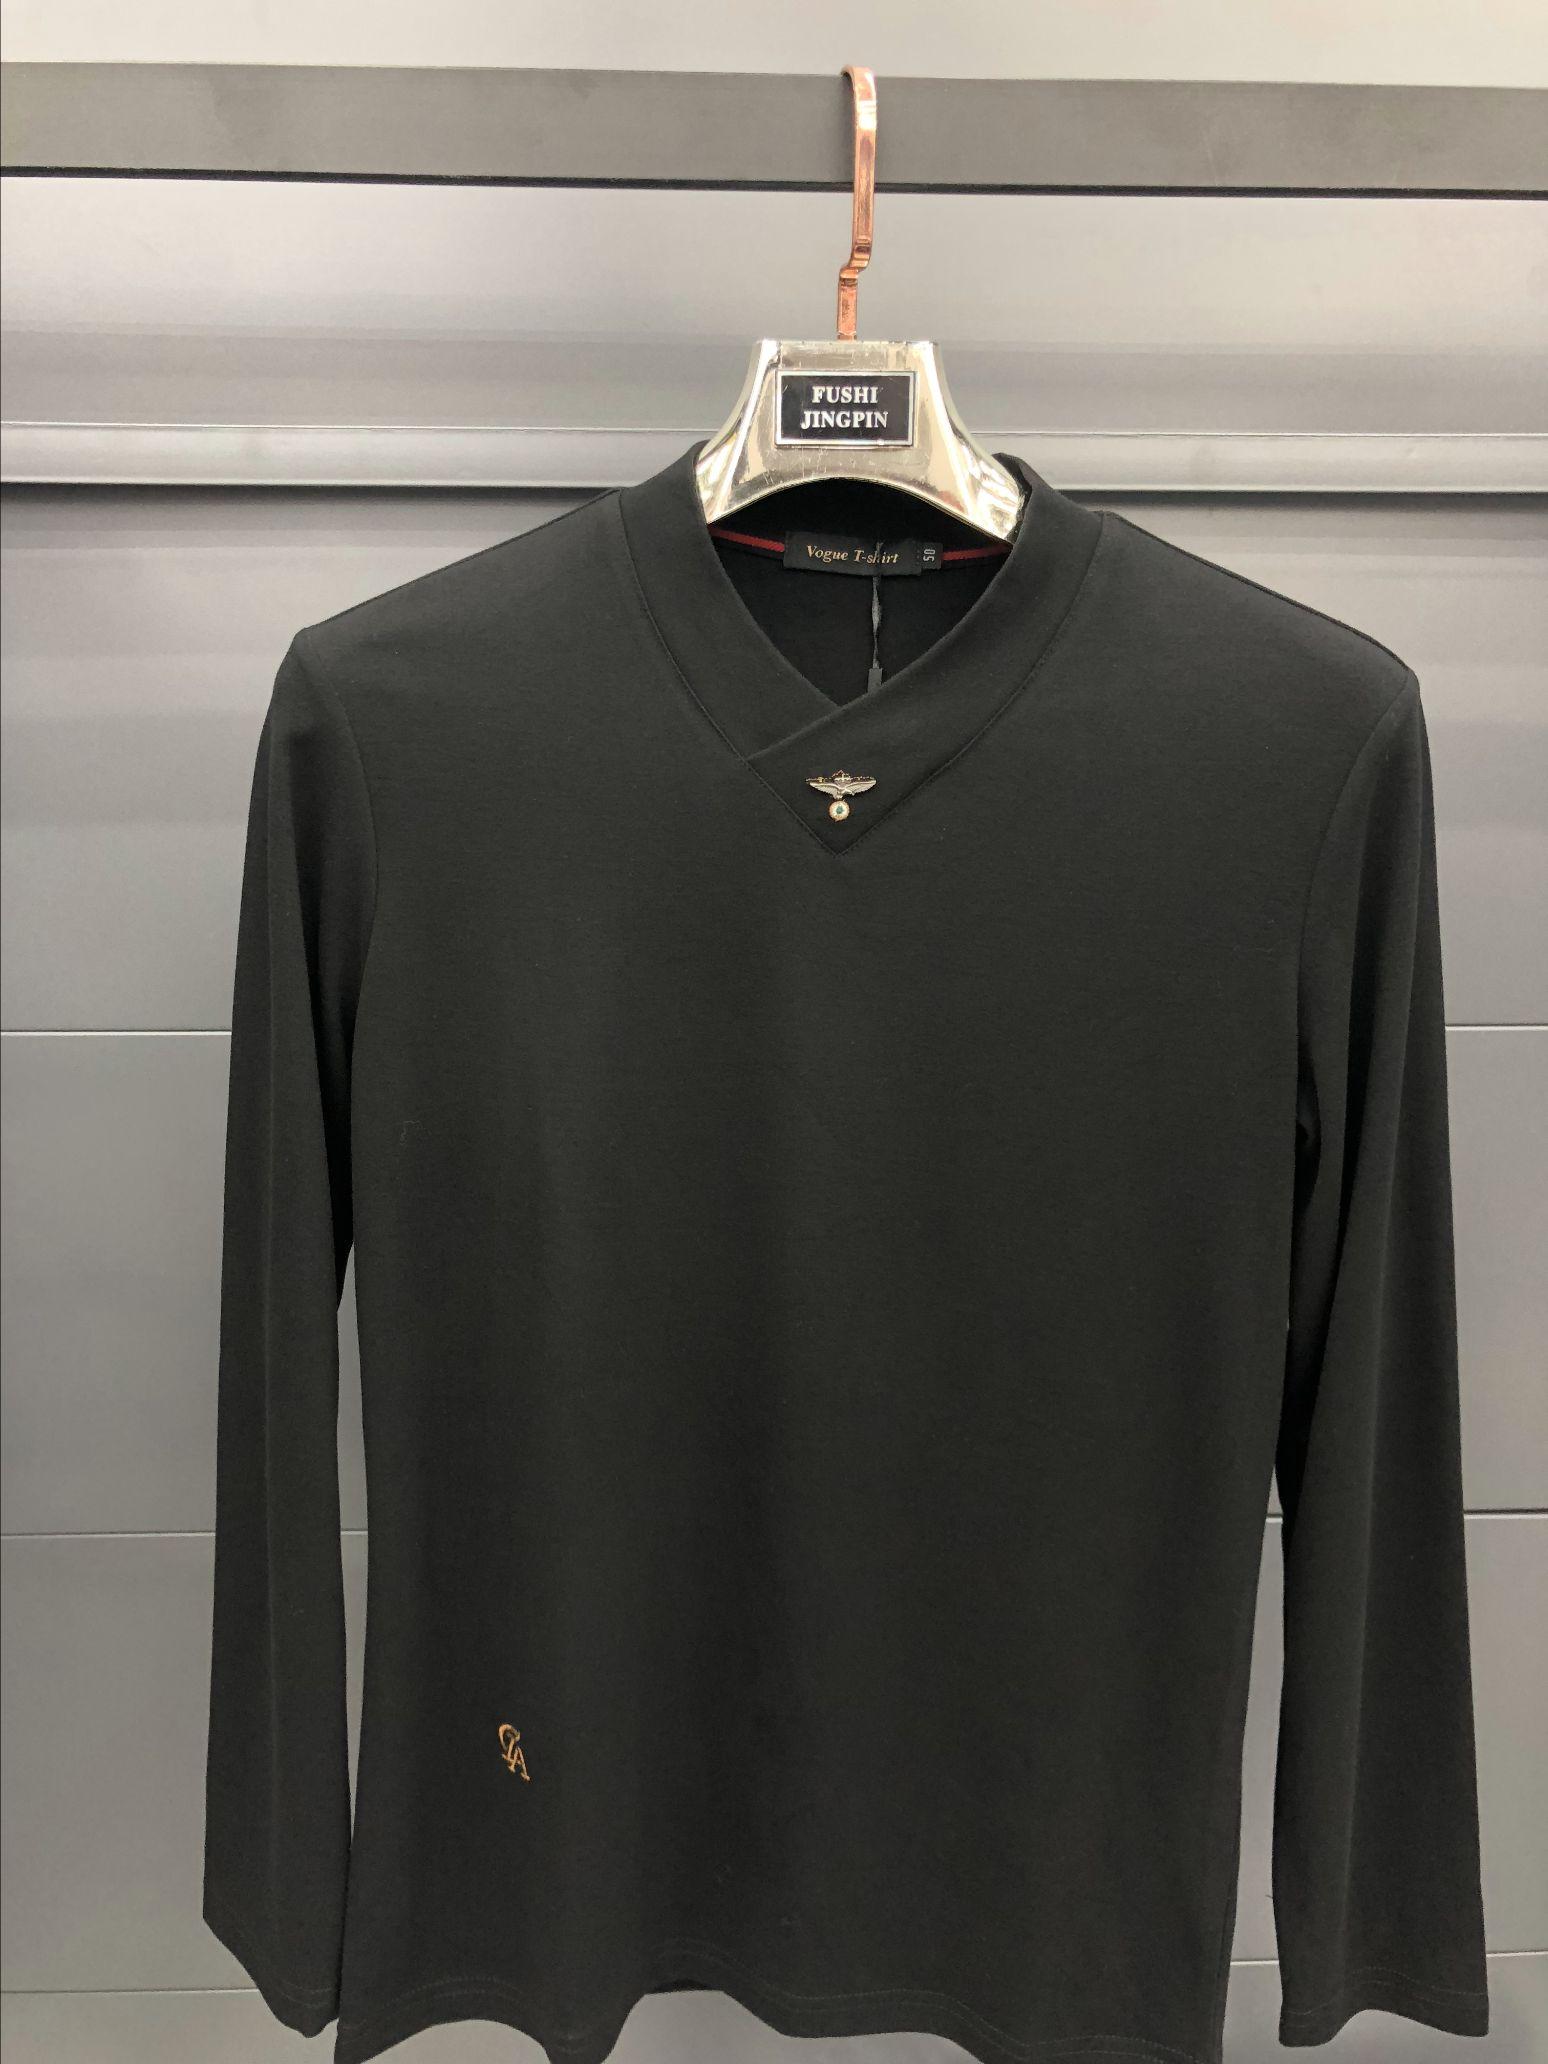 太子哥休闲卫衣2011男士衬衫潮 2021年秋季韩版潮流商务休闲正装 小立 领白衬衣长袖外套226